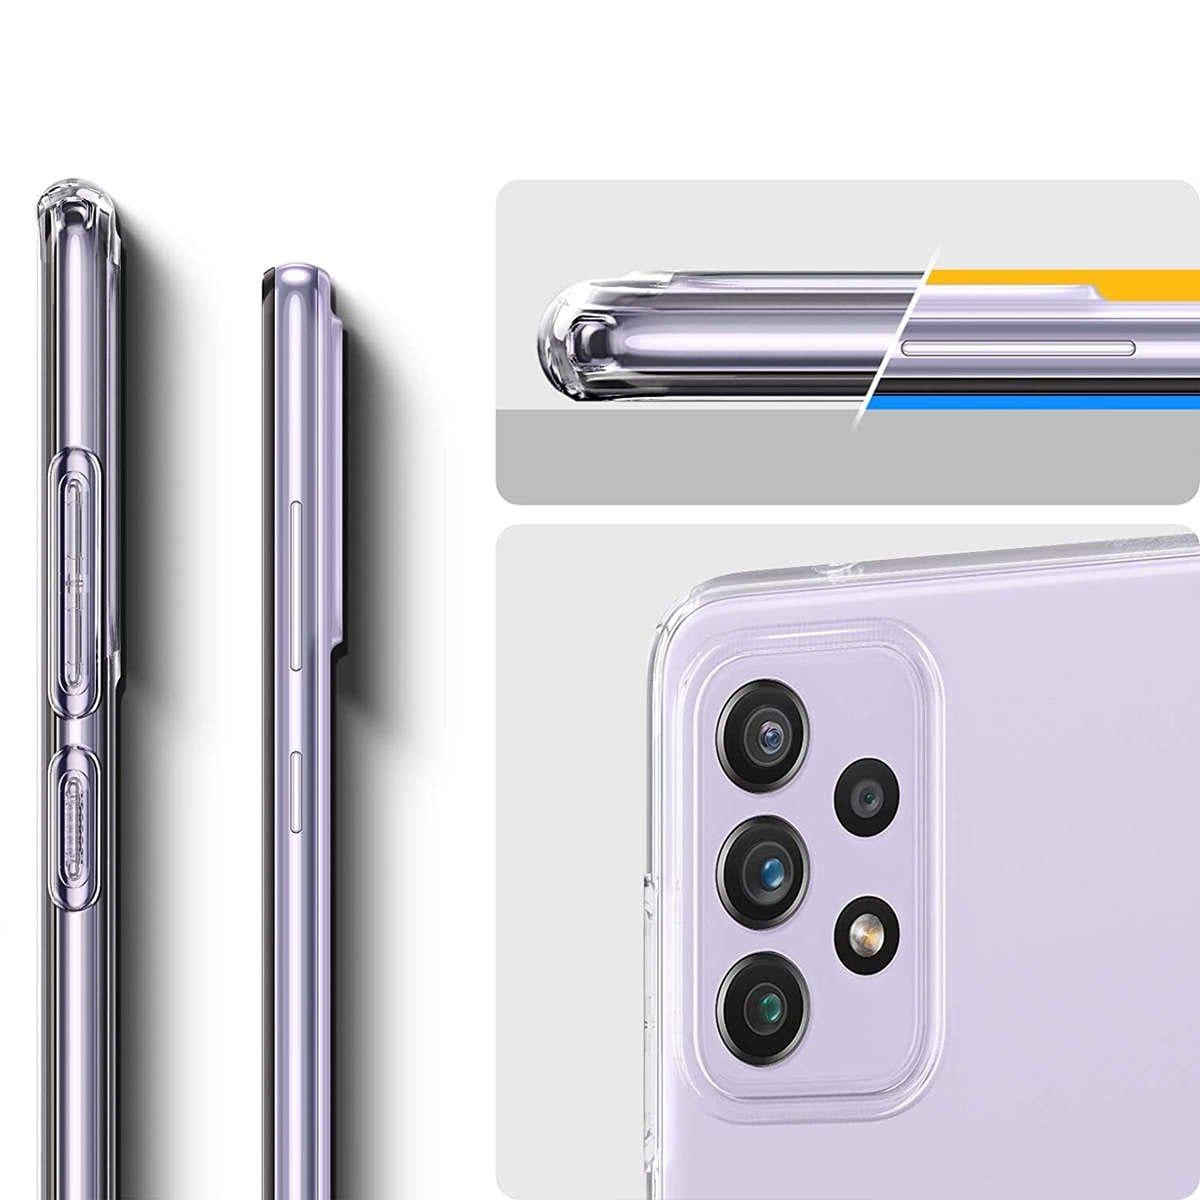 Etui Spigen Liquid Crystal do Samsung Galaxy A52 LTE/ 5G Crystal Clear - 9